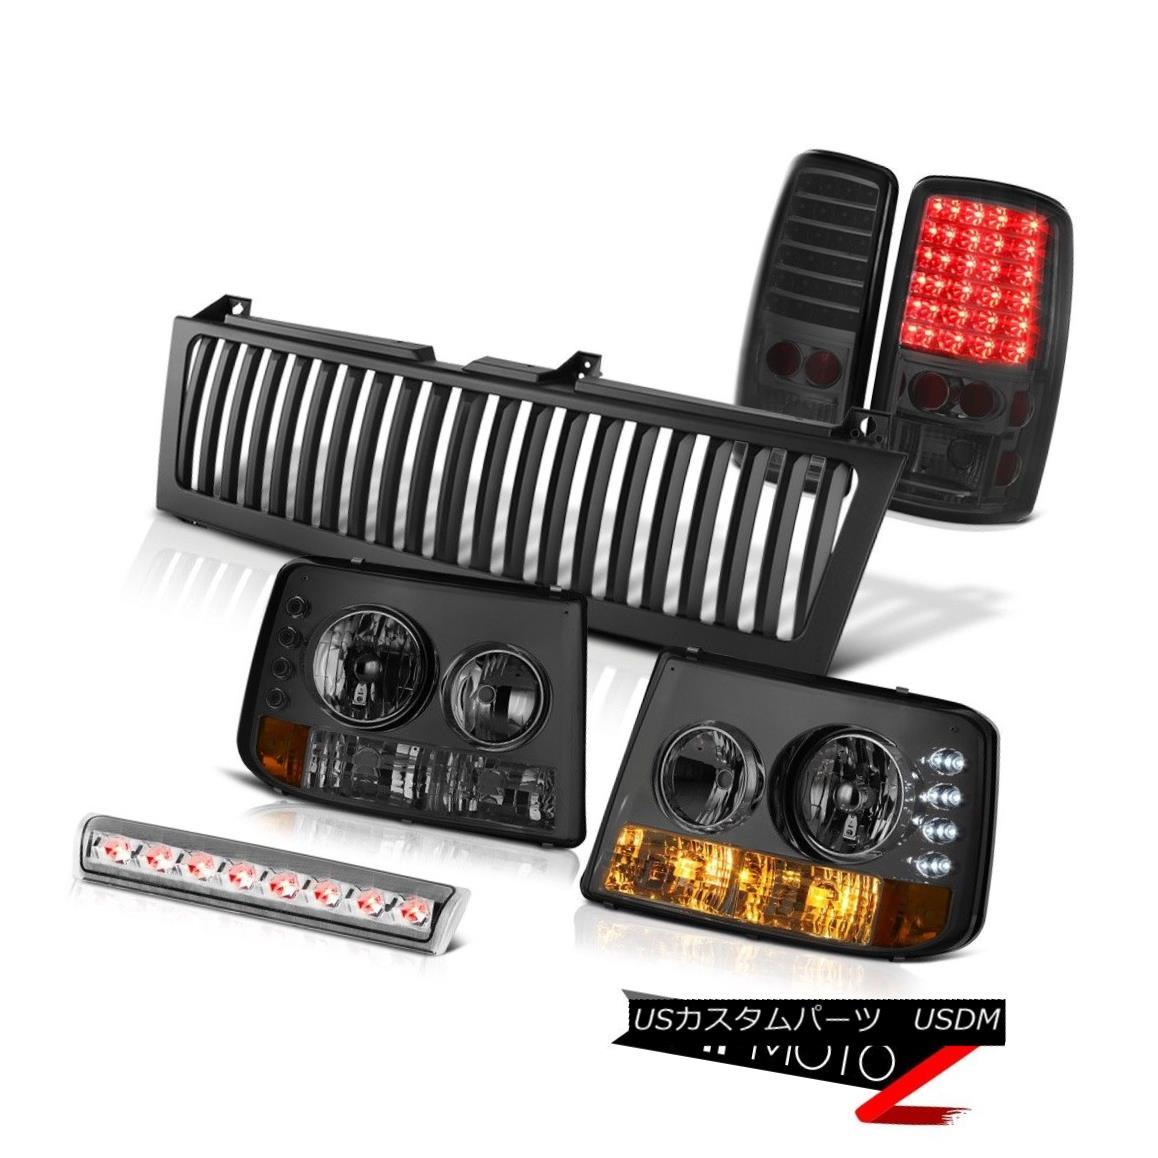 ヘッドライト 00 01 02 03 04 05 Tahoe Bumper+Headlights Smoked LED Taillamps High Stop Grille 00 01 02 03 04 05タホバンパー+ヘッドリッグ htsスモークLEDタイルランプハイストップグリル